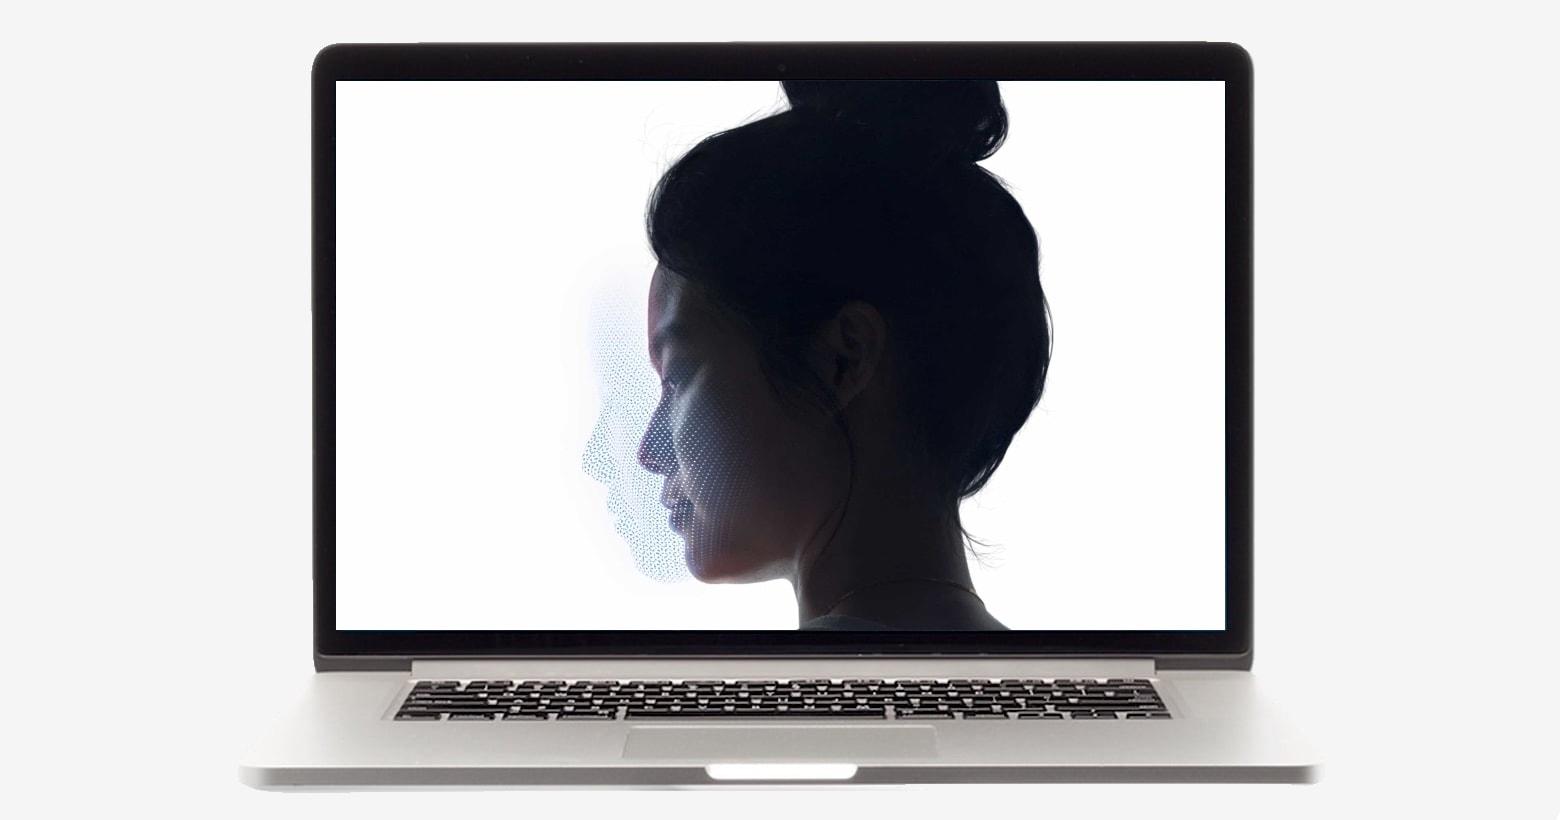 Apple Berencana Hadirkan Fitur Face ID Ke MacBook dan iMac di Masa Depan